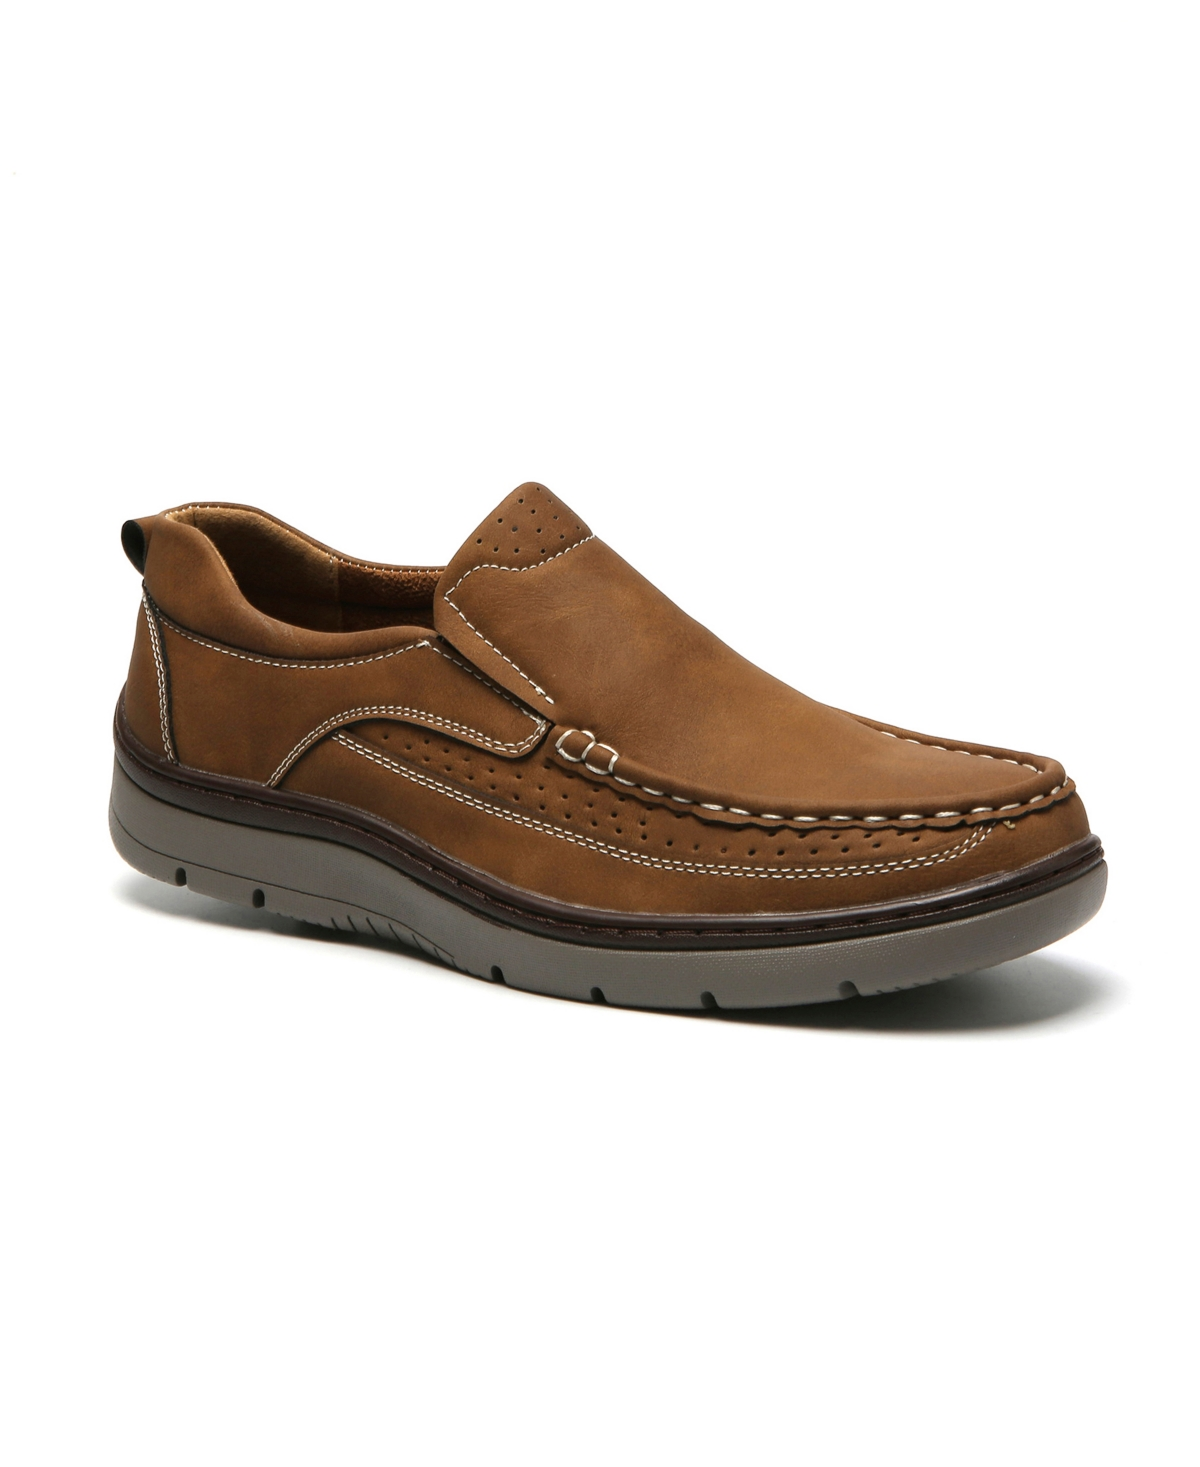 Men's Slip On Comfort Casual Shoes Men's Shoes